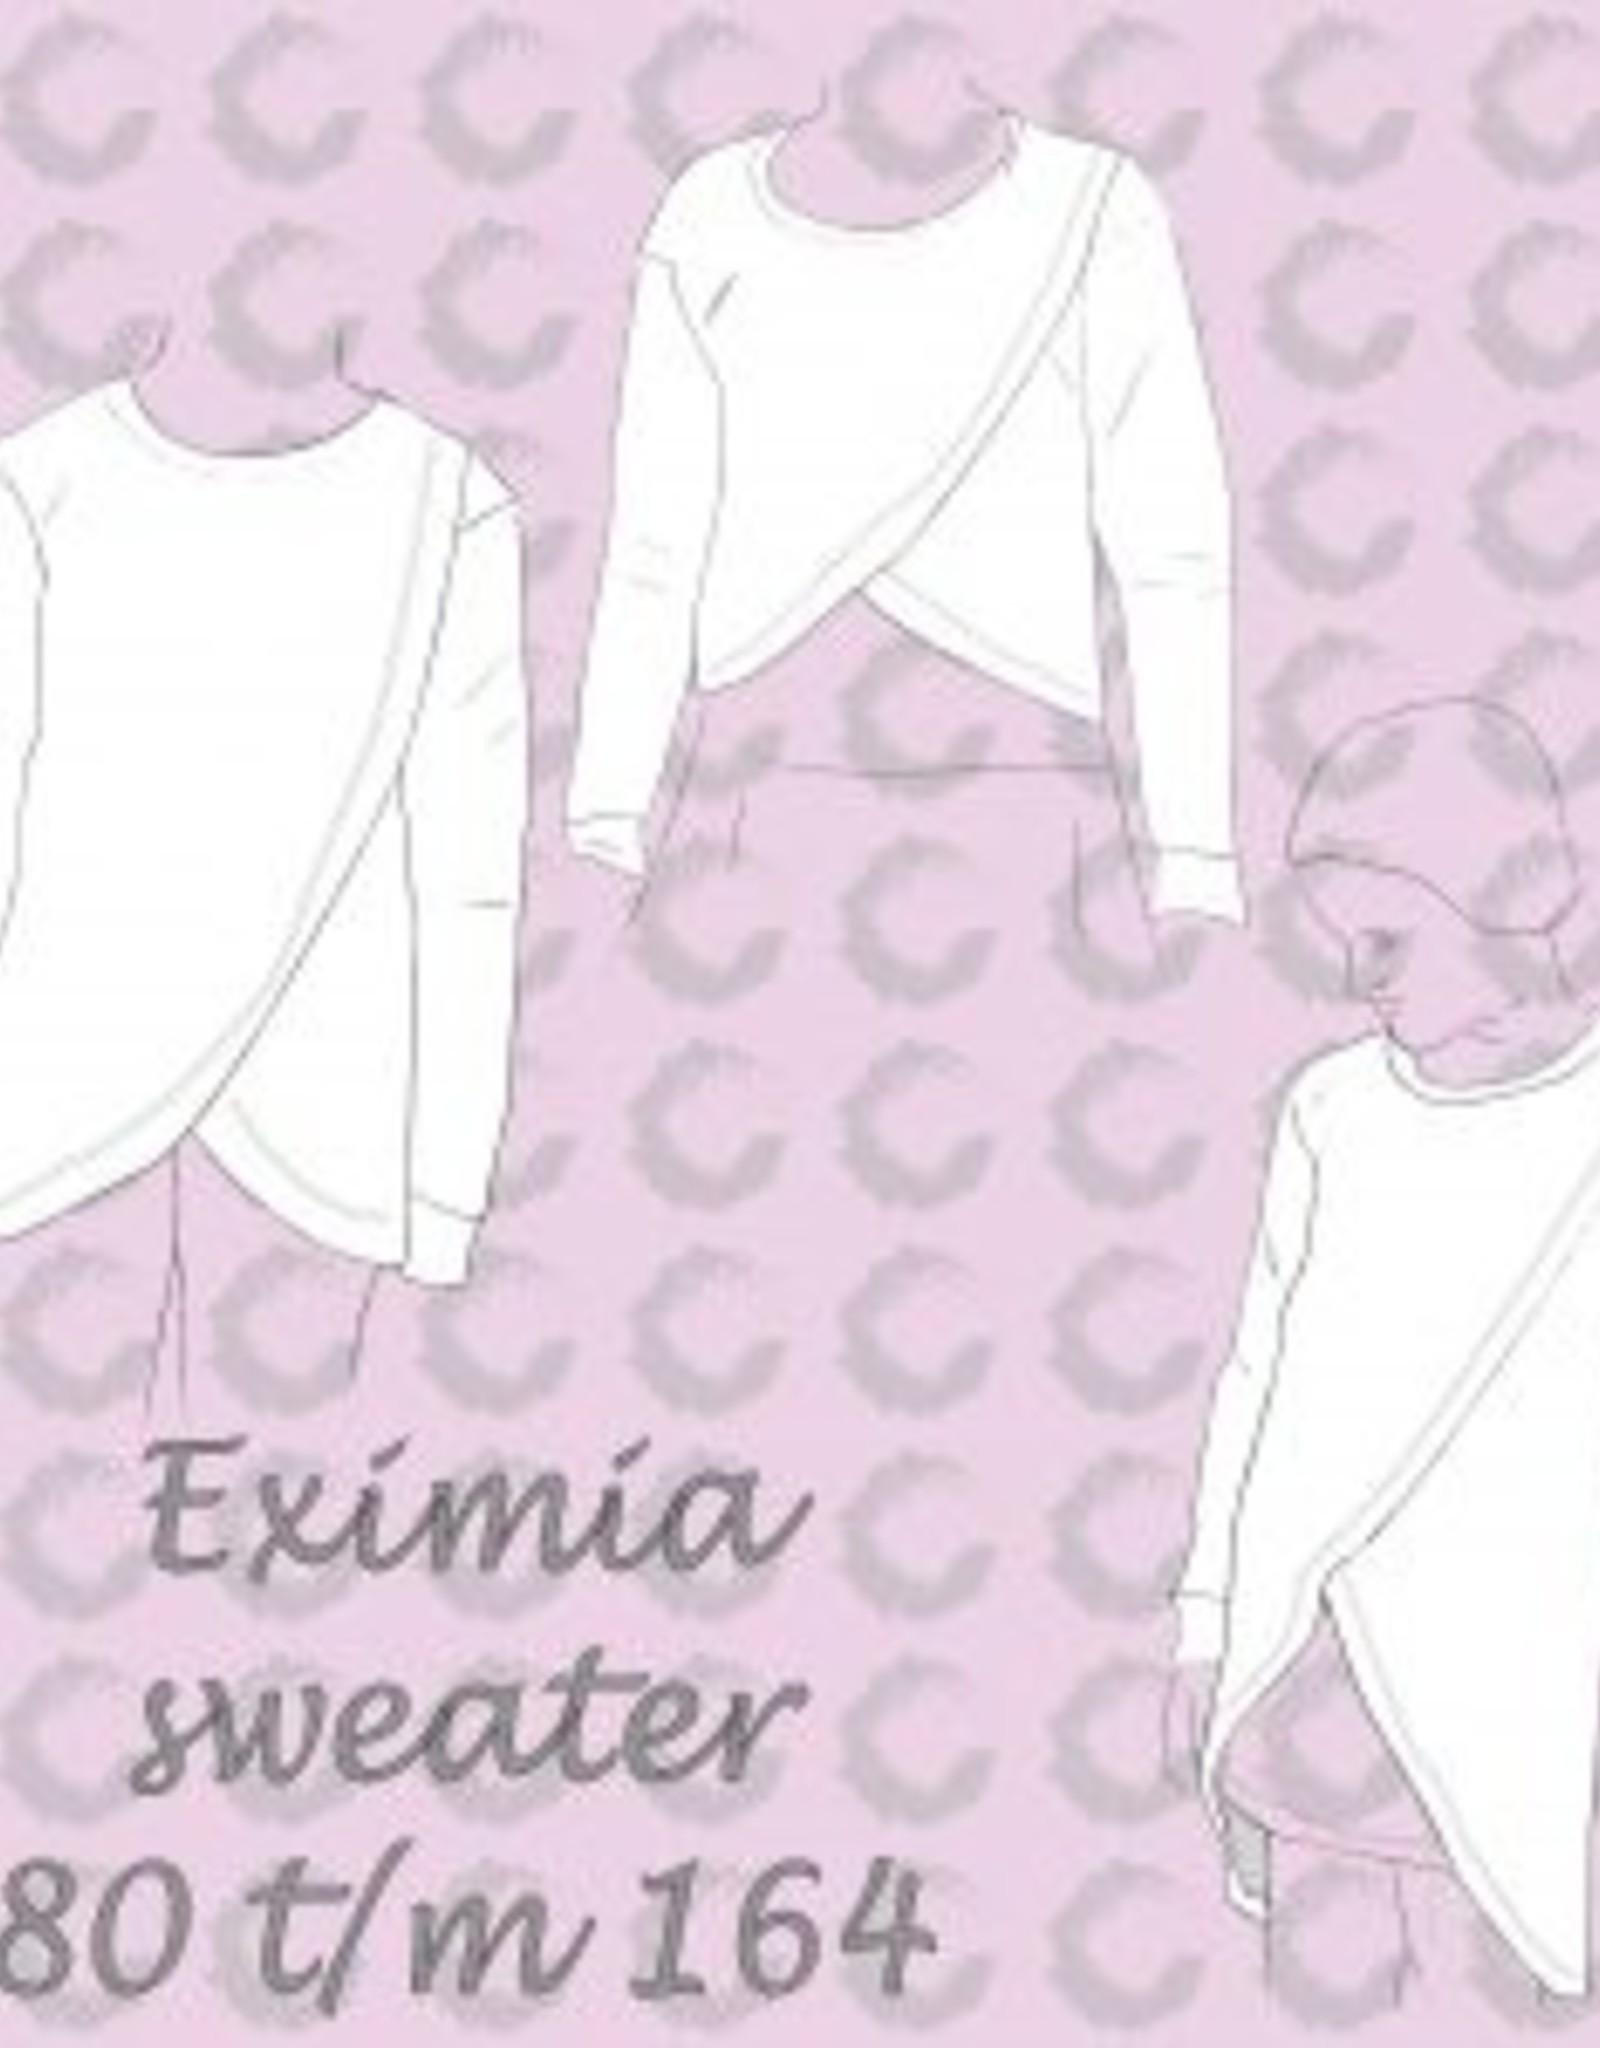 Sofilantjes Eximia sweater - Sofilantjes